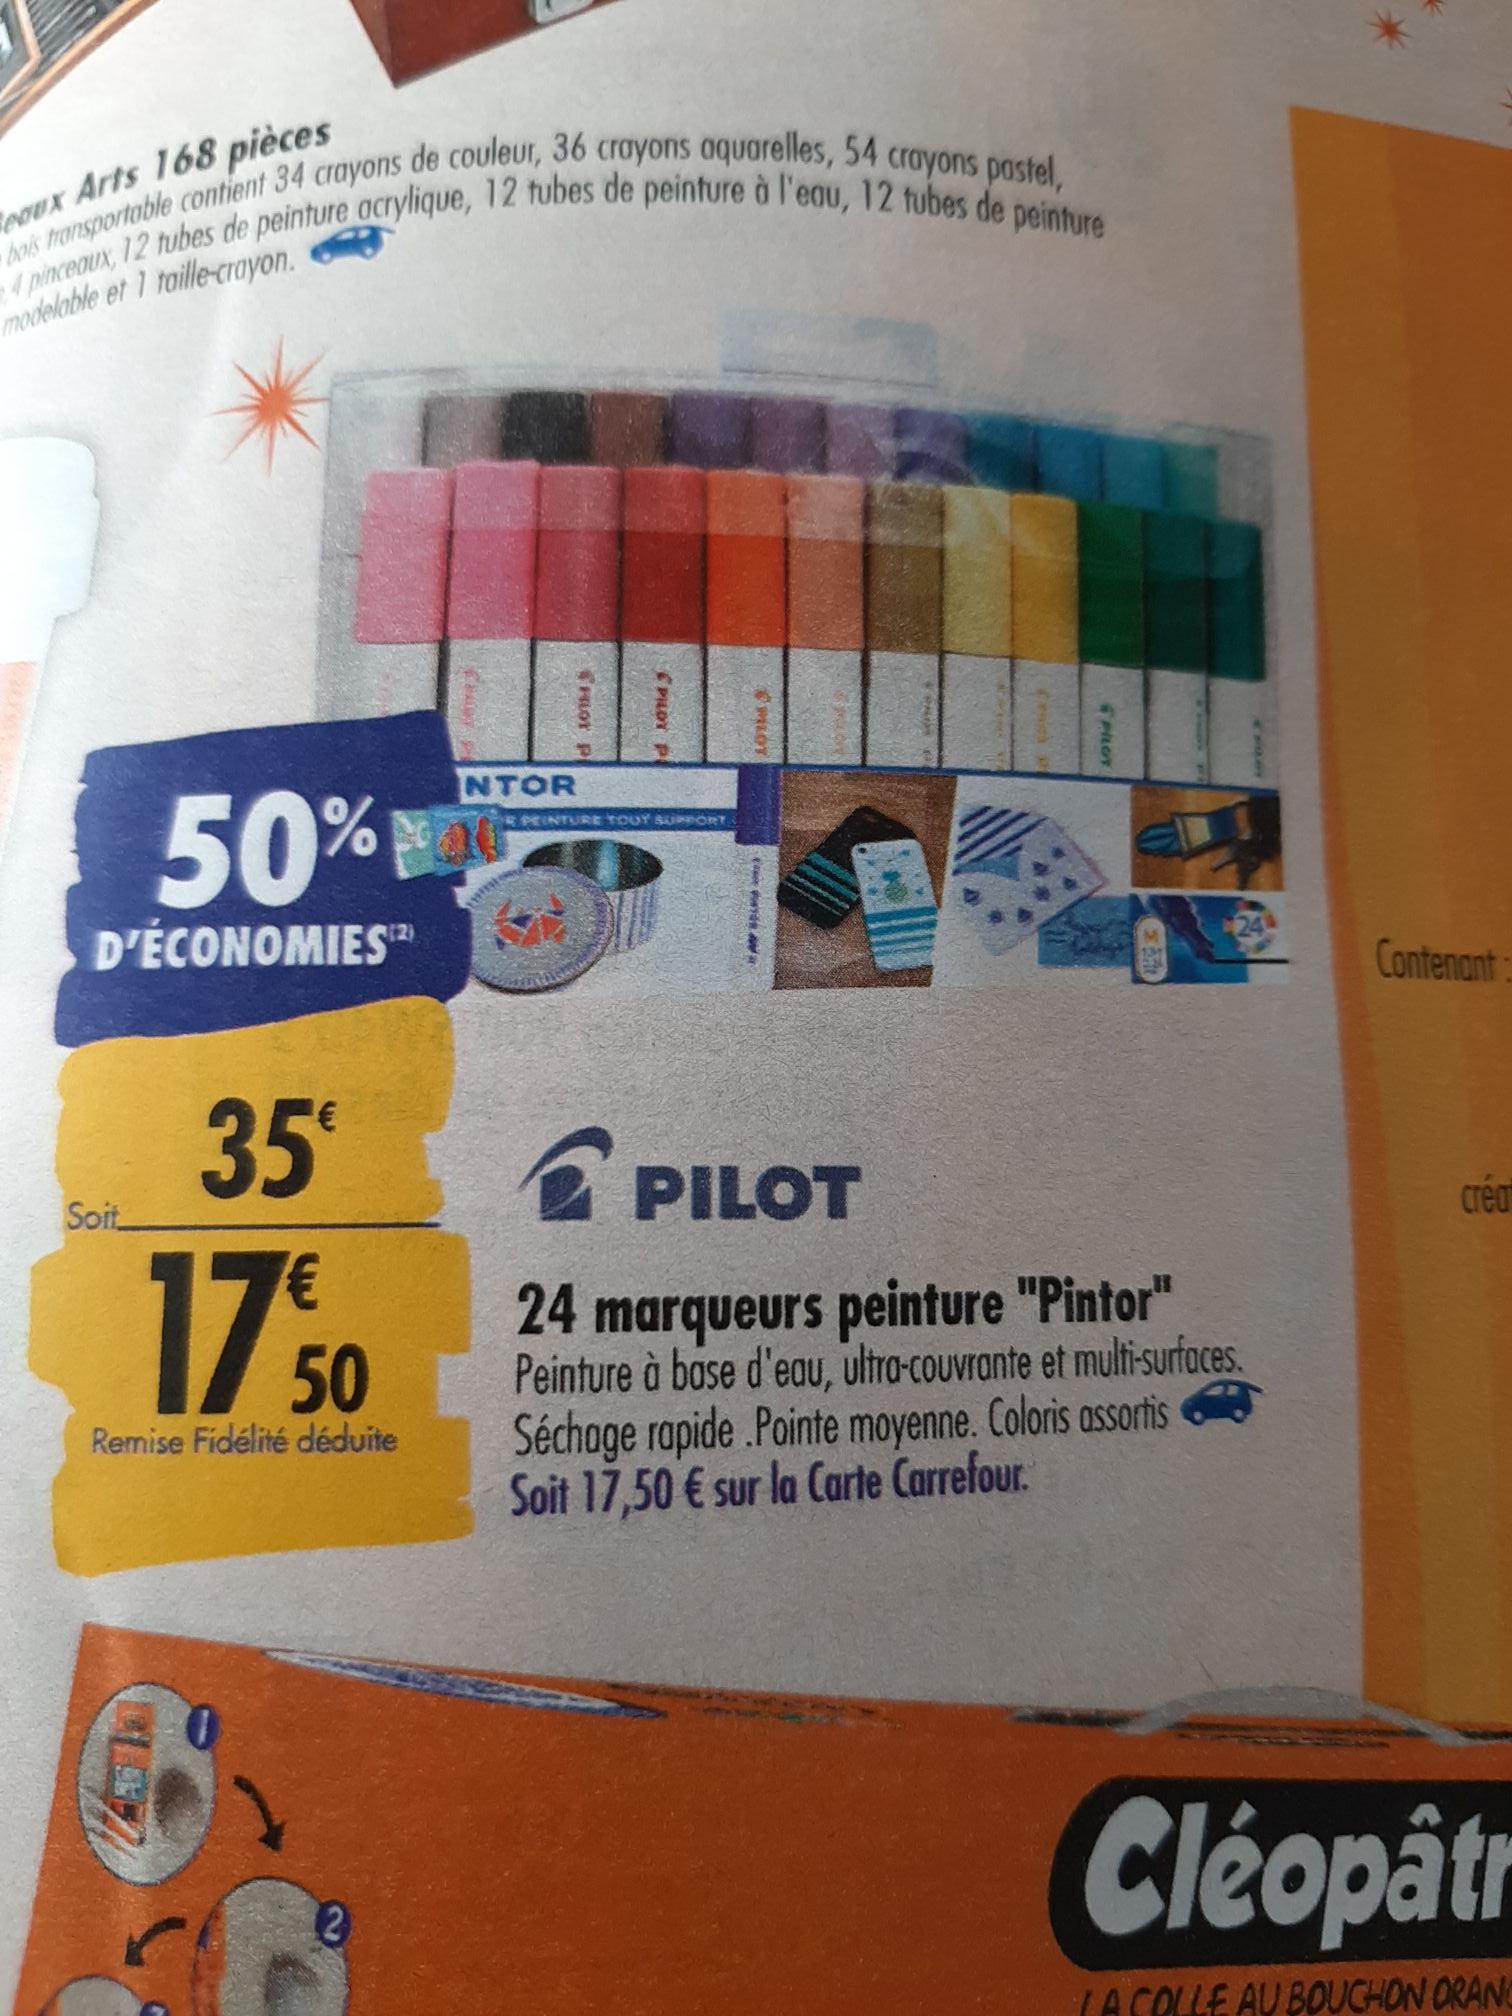 24 marqueurs peinture Pilot Pintor (via 17.50€ sur la carte de fidélité)